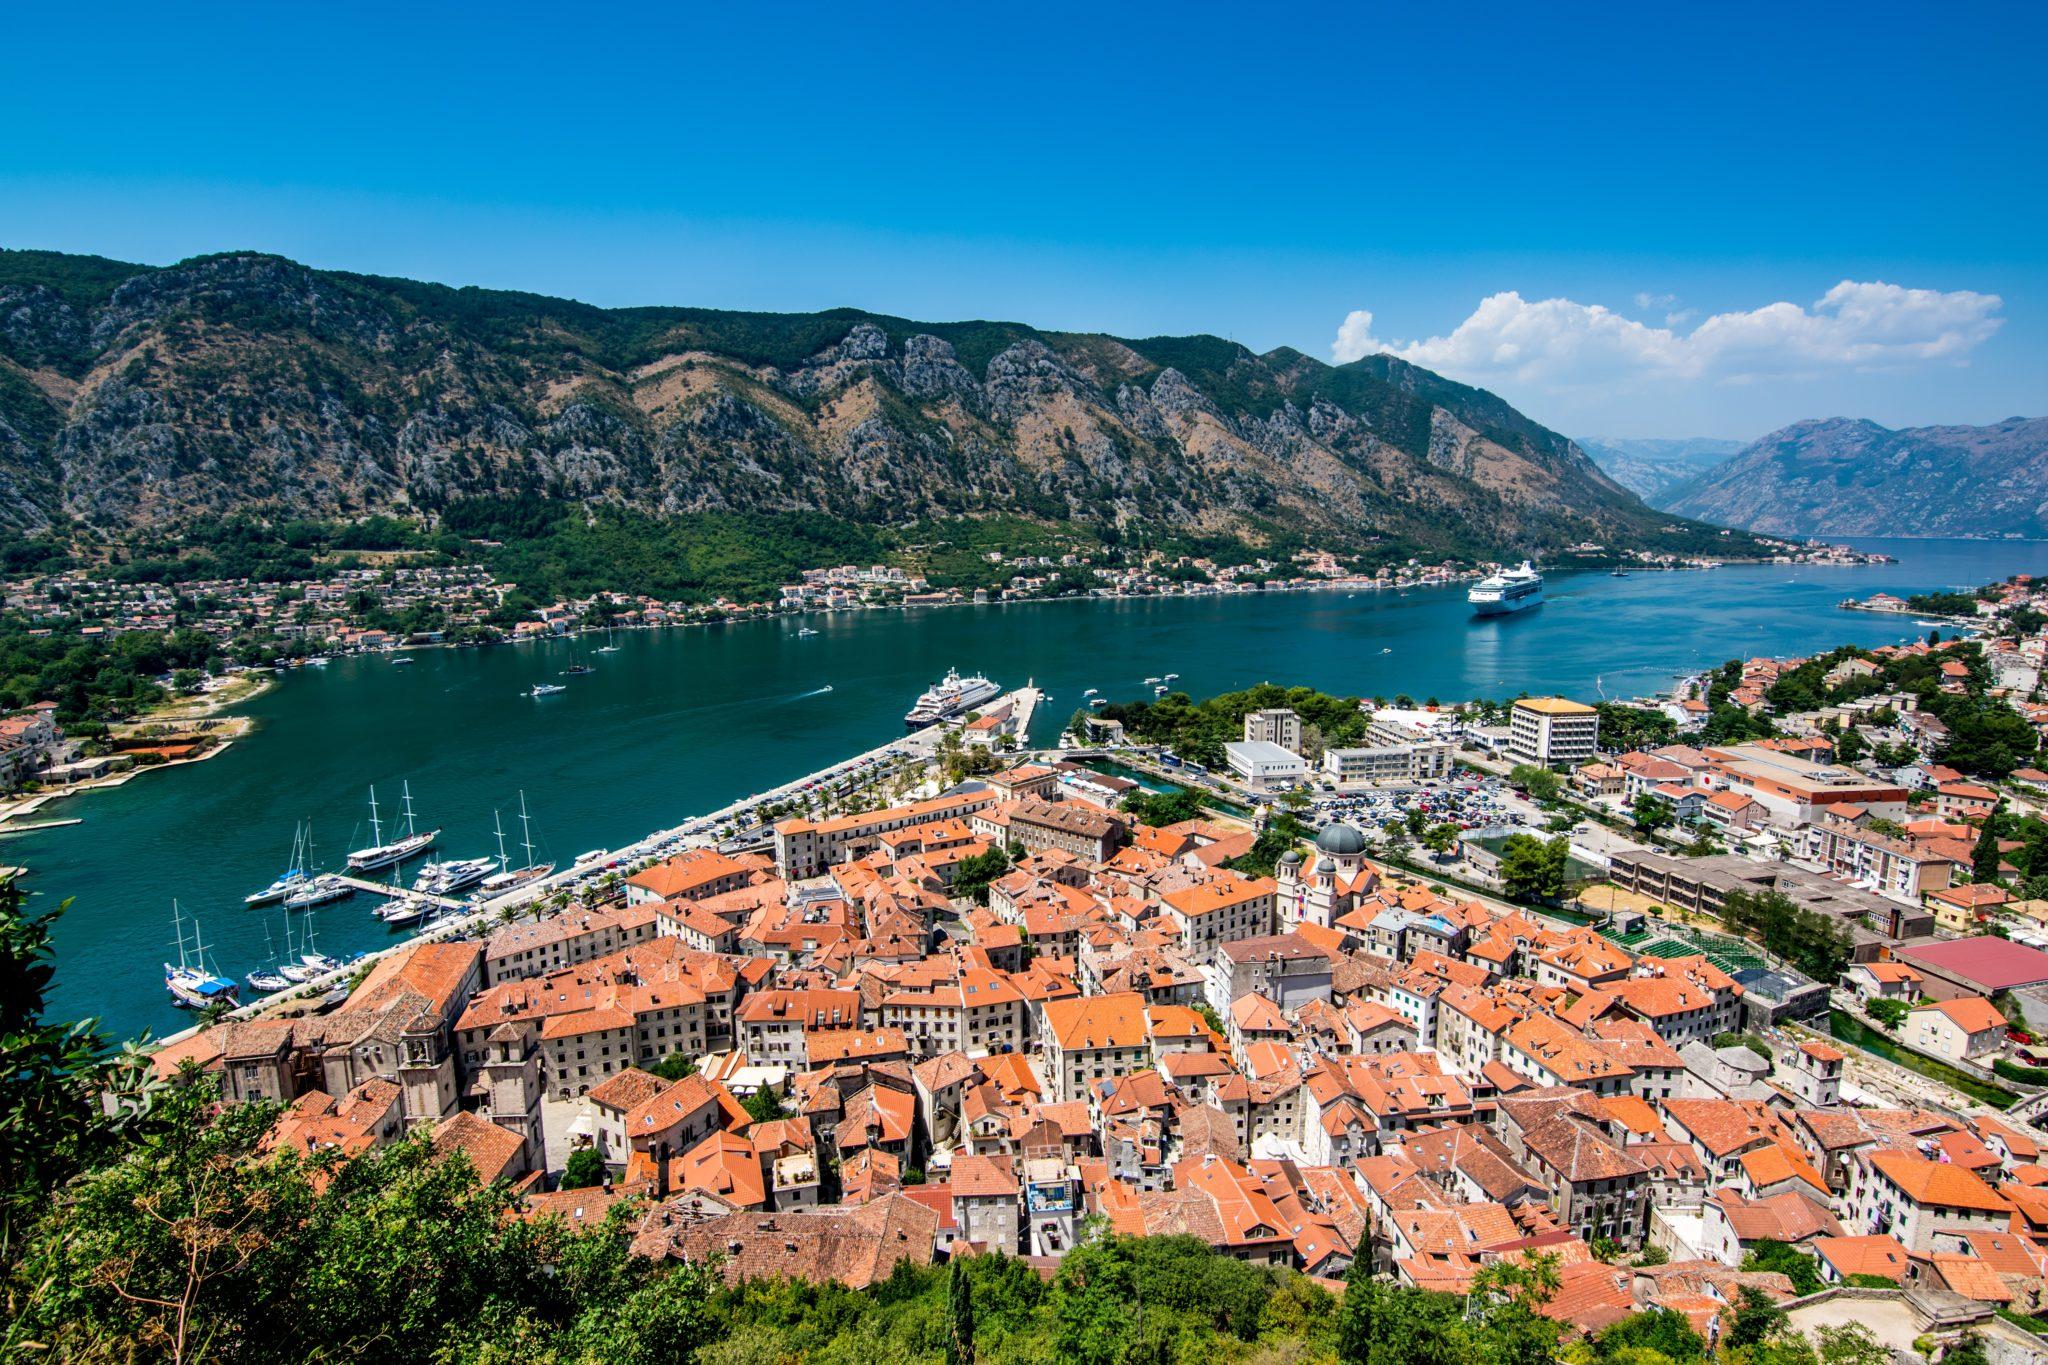 Blick auf die Bucht von Kotor